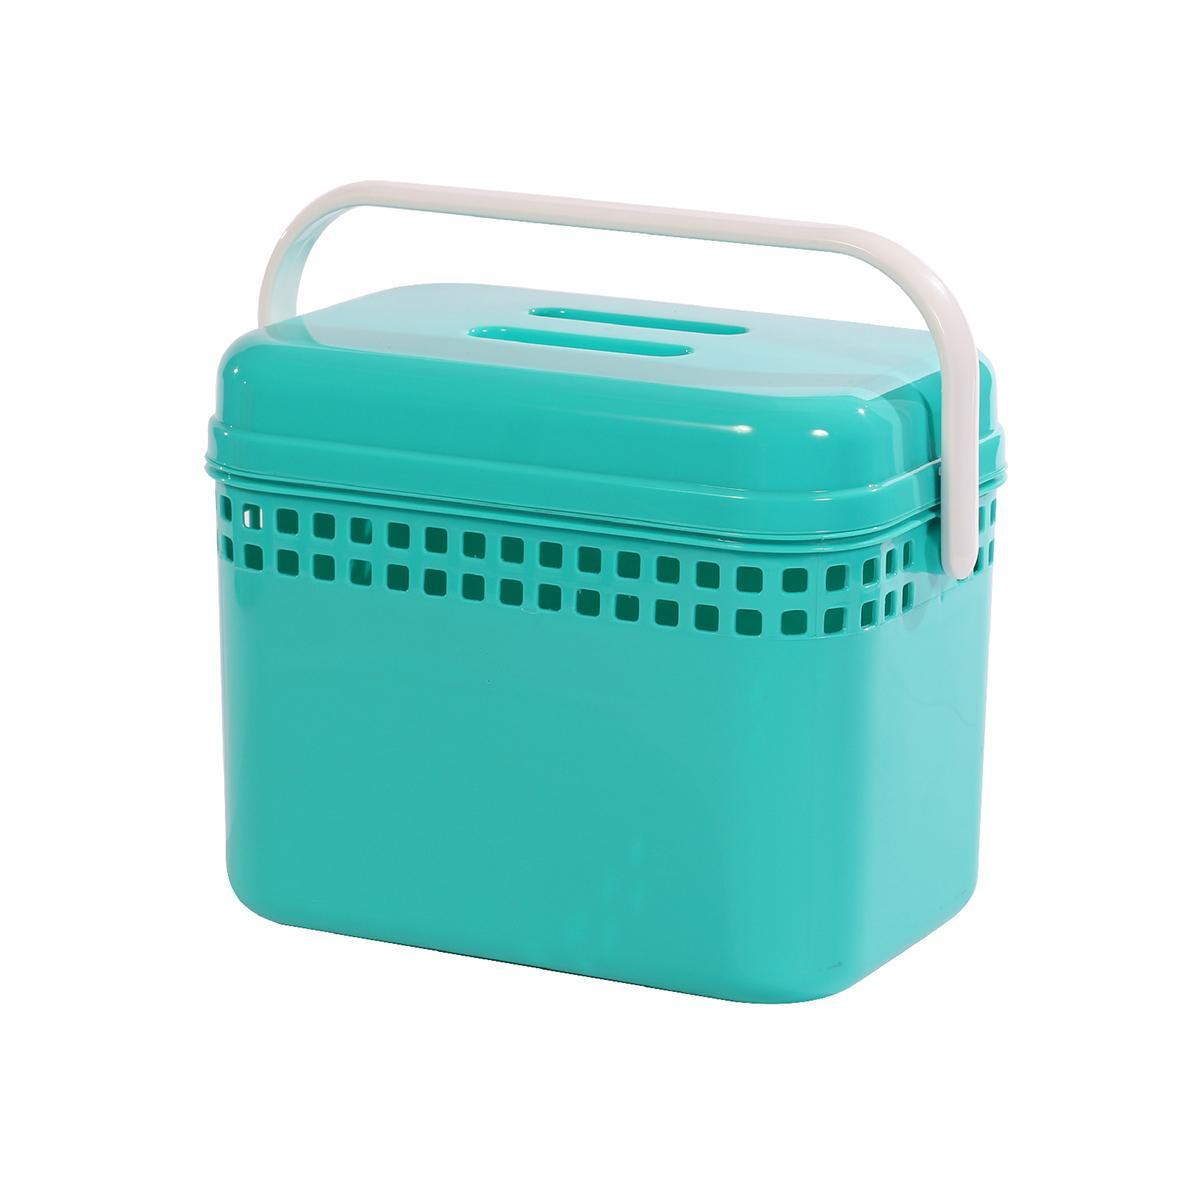 Claris Kotak Serbaguna - Fancy Box large - kotak piknik / kitchen storage / Kotak Penyimpanan